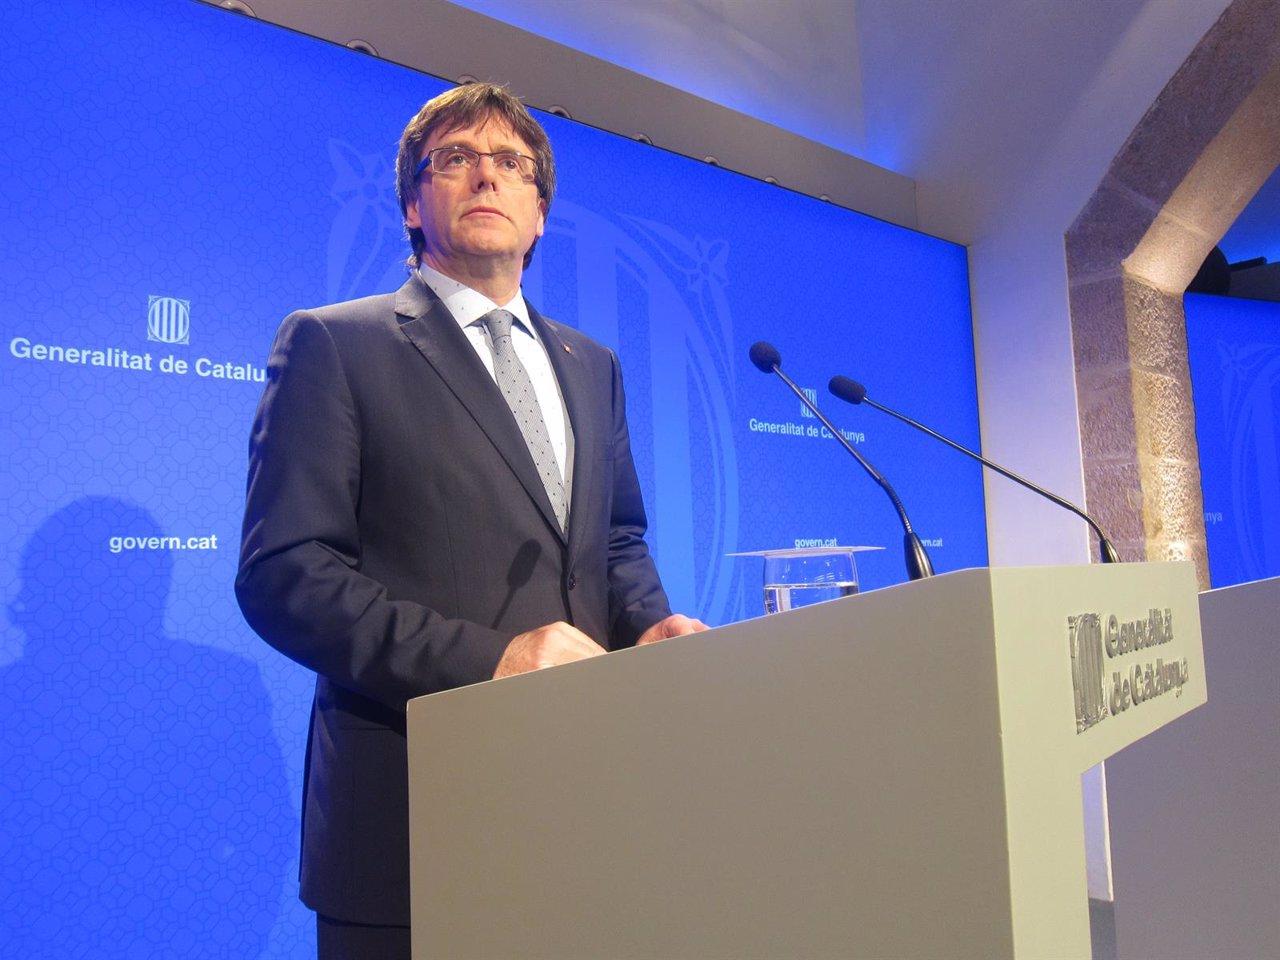 El presidente de la Generalitat, Carles Puigdemont, en rueda de prensa